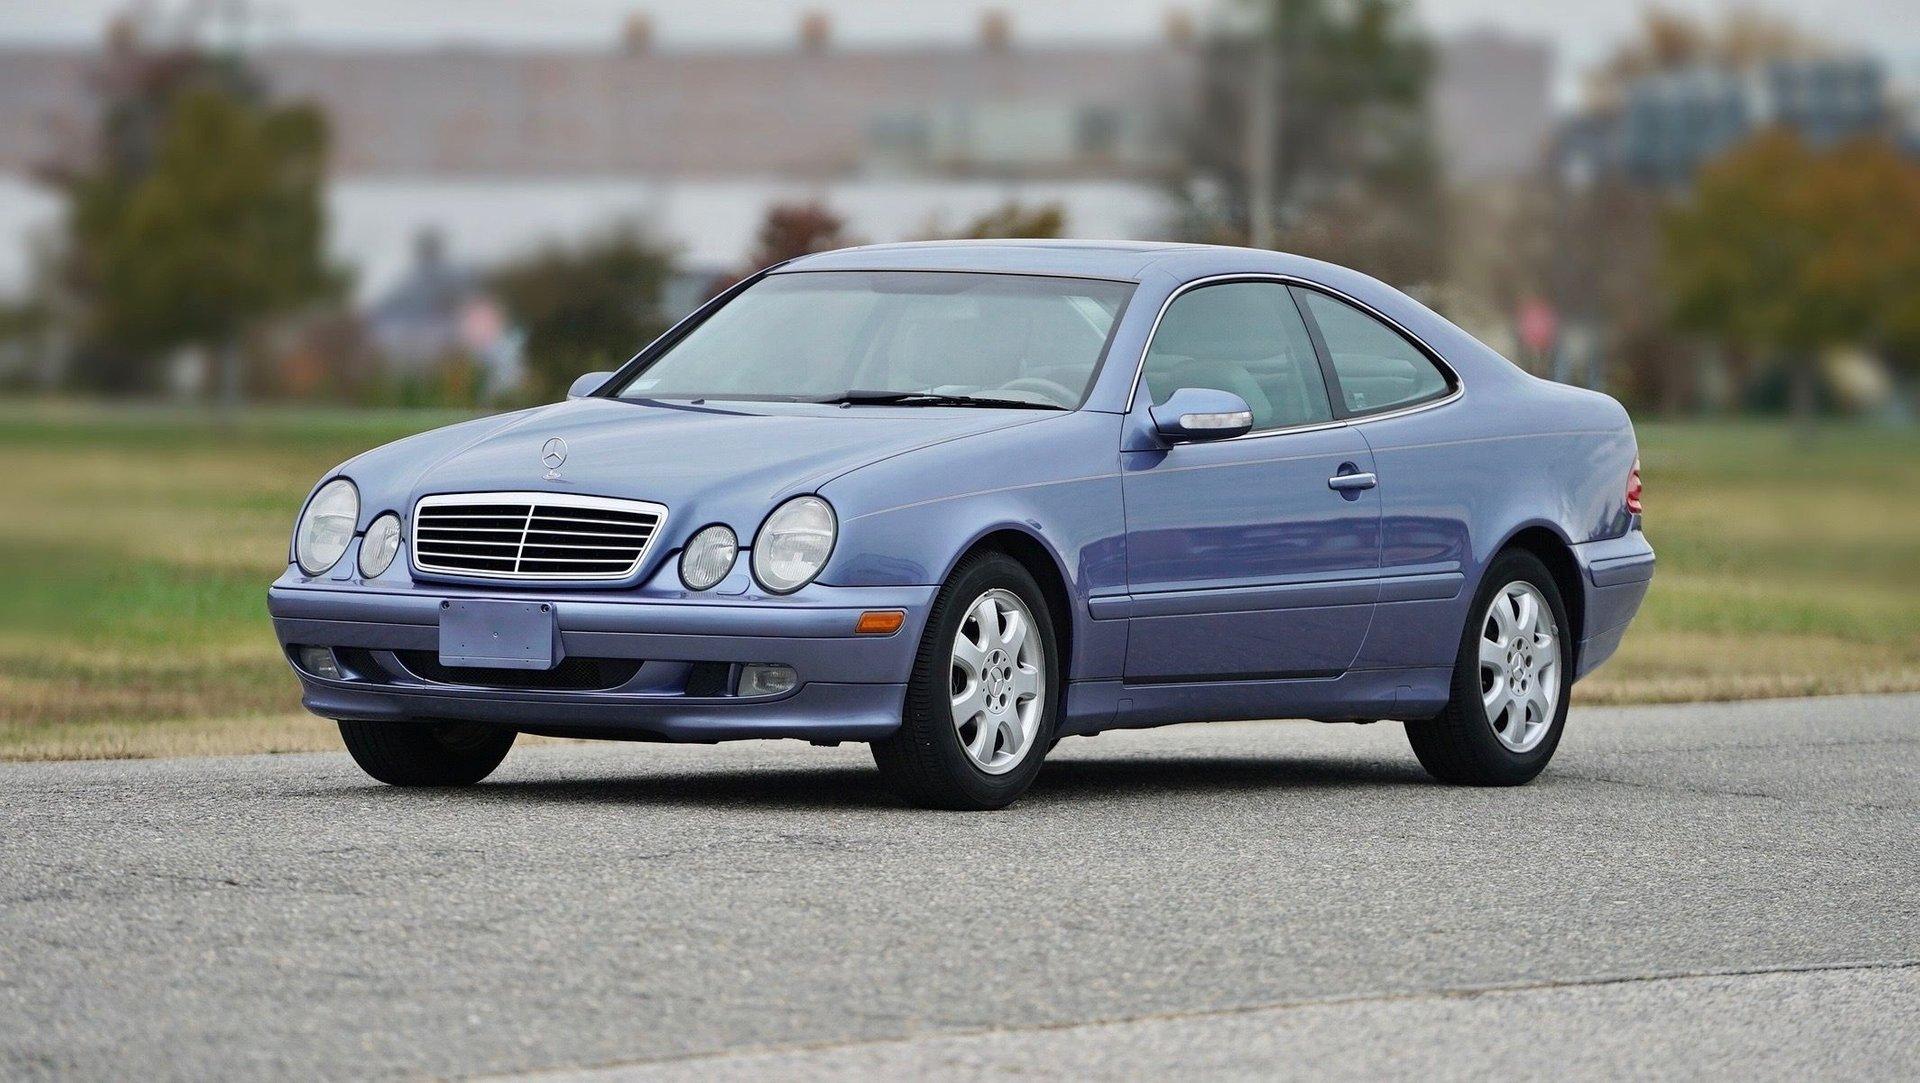 2002 mercedes benz clk class 2dr coupe 3 2l